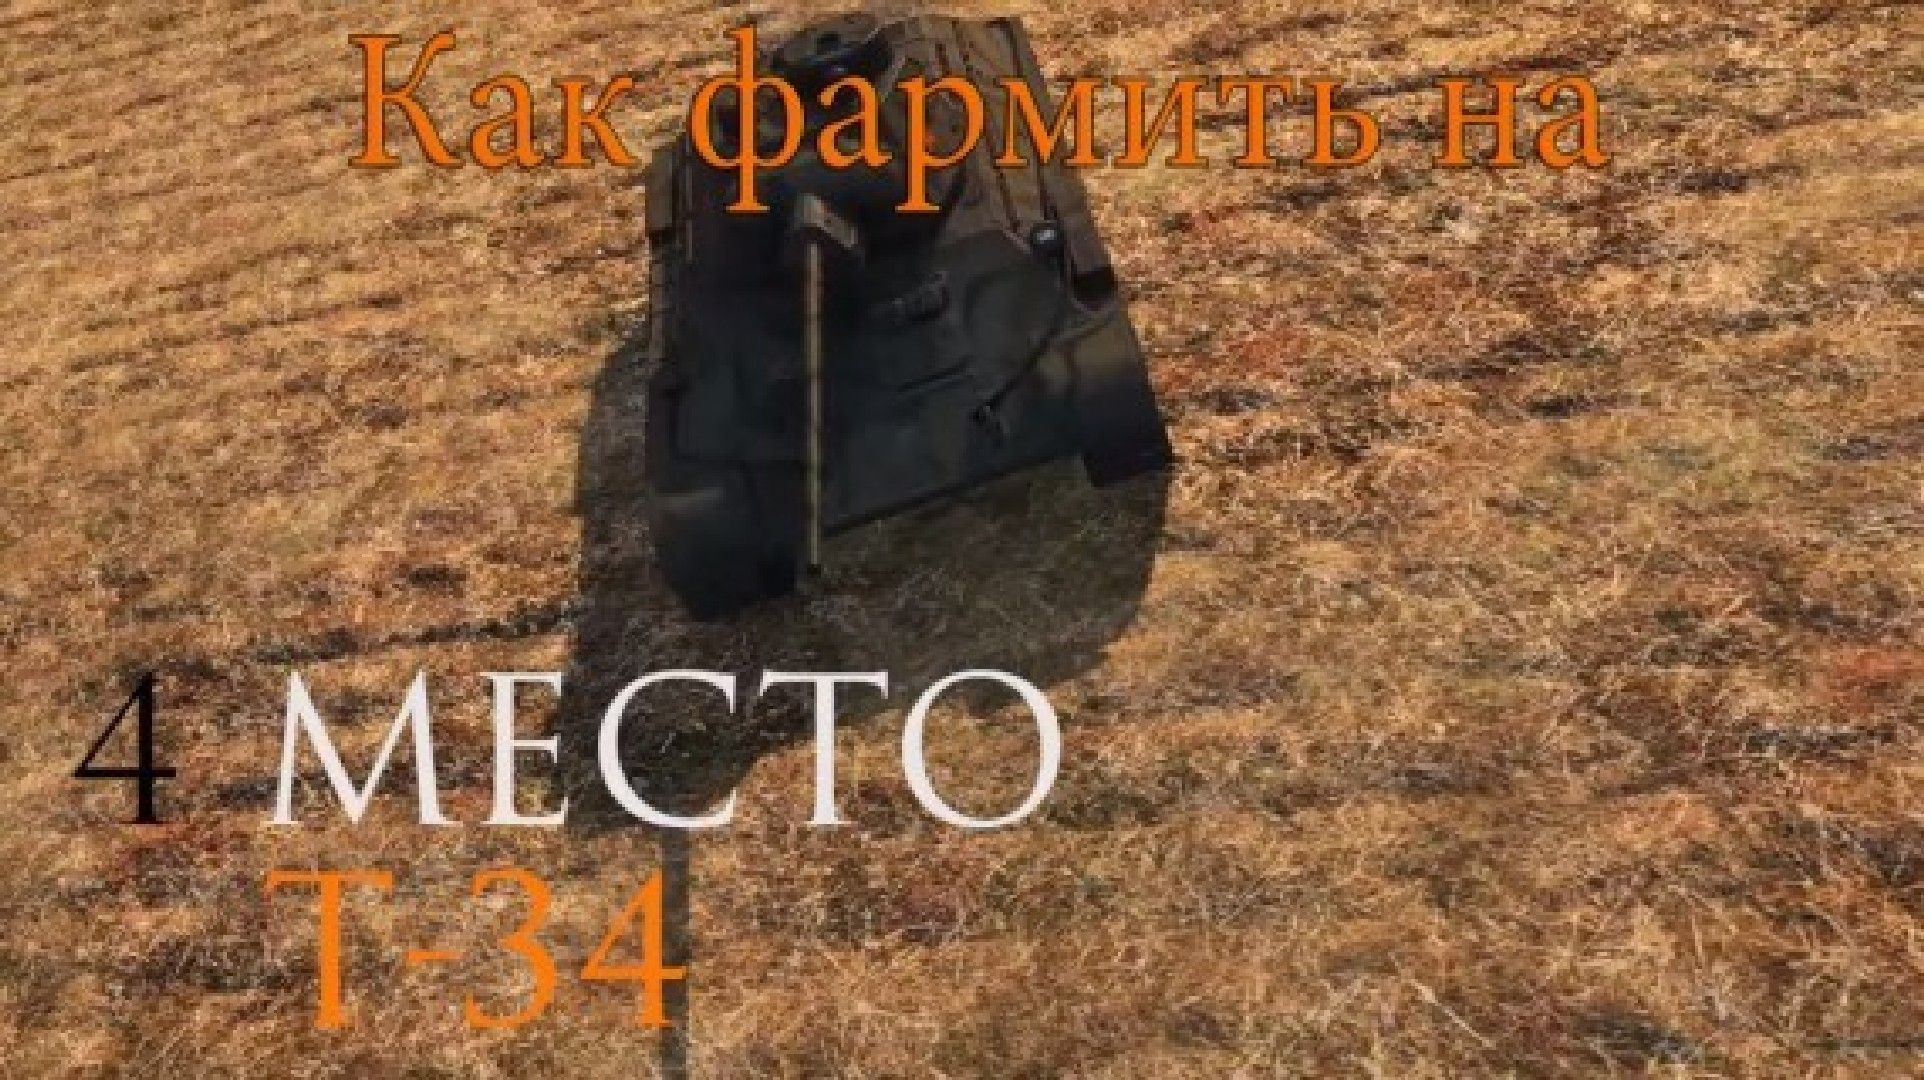 Как фармить на Т-34